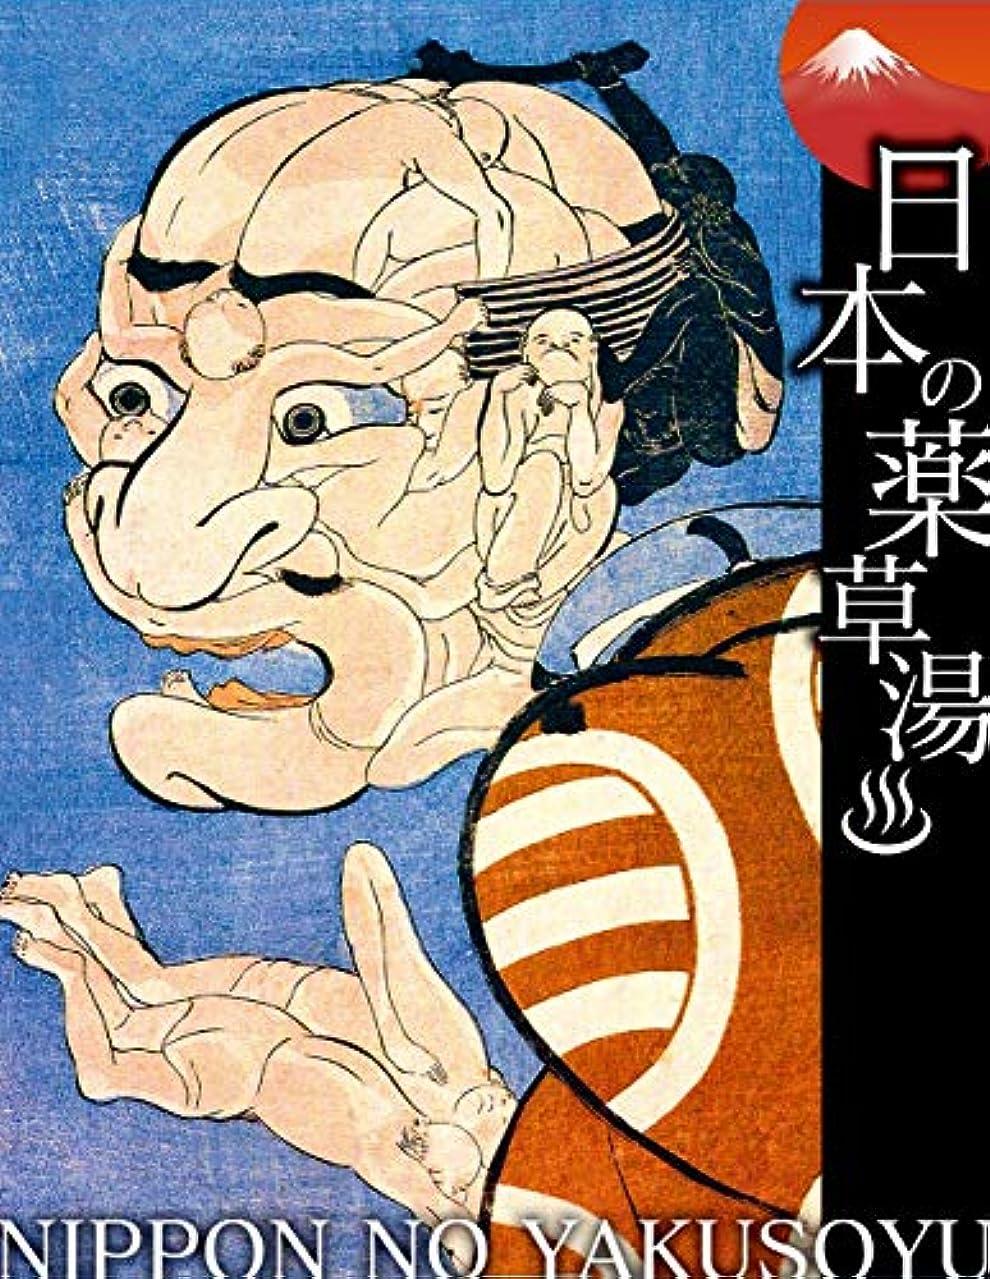 無傷スノーケル詳細な日本の薬草湯 みかけハこハゐがとんだいゝ人だ